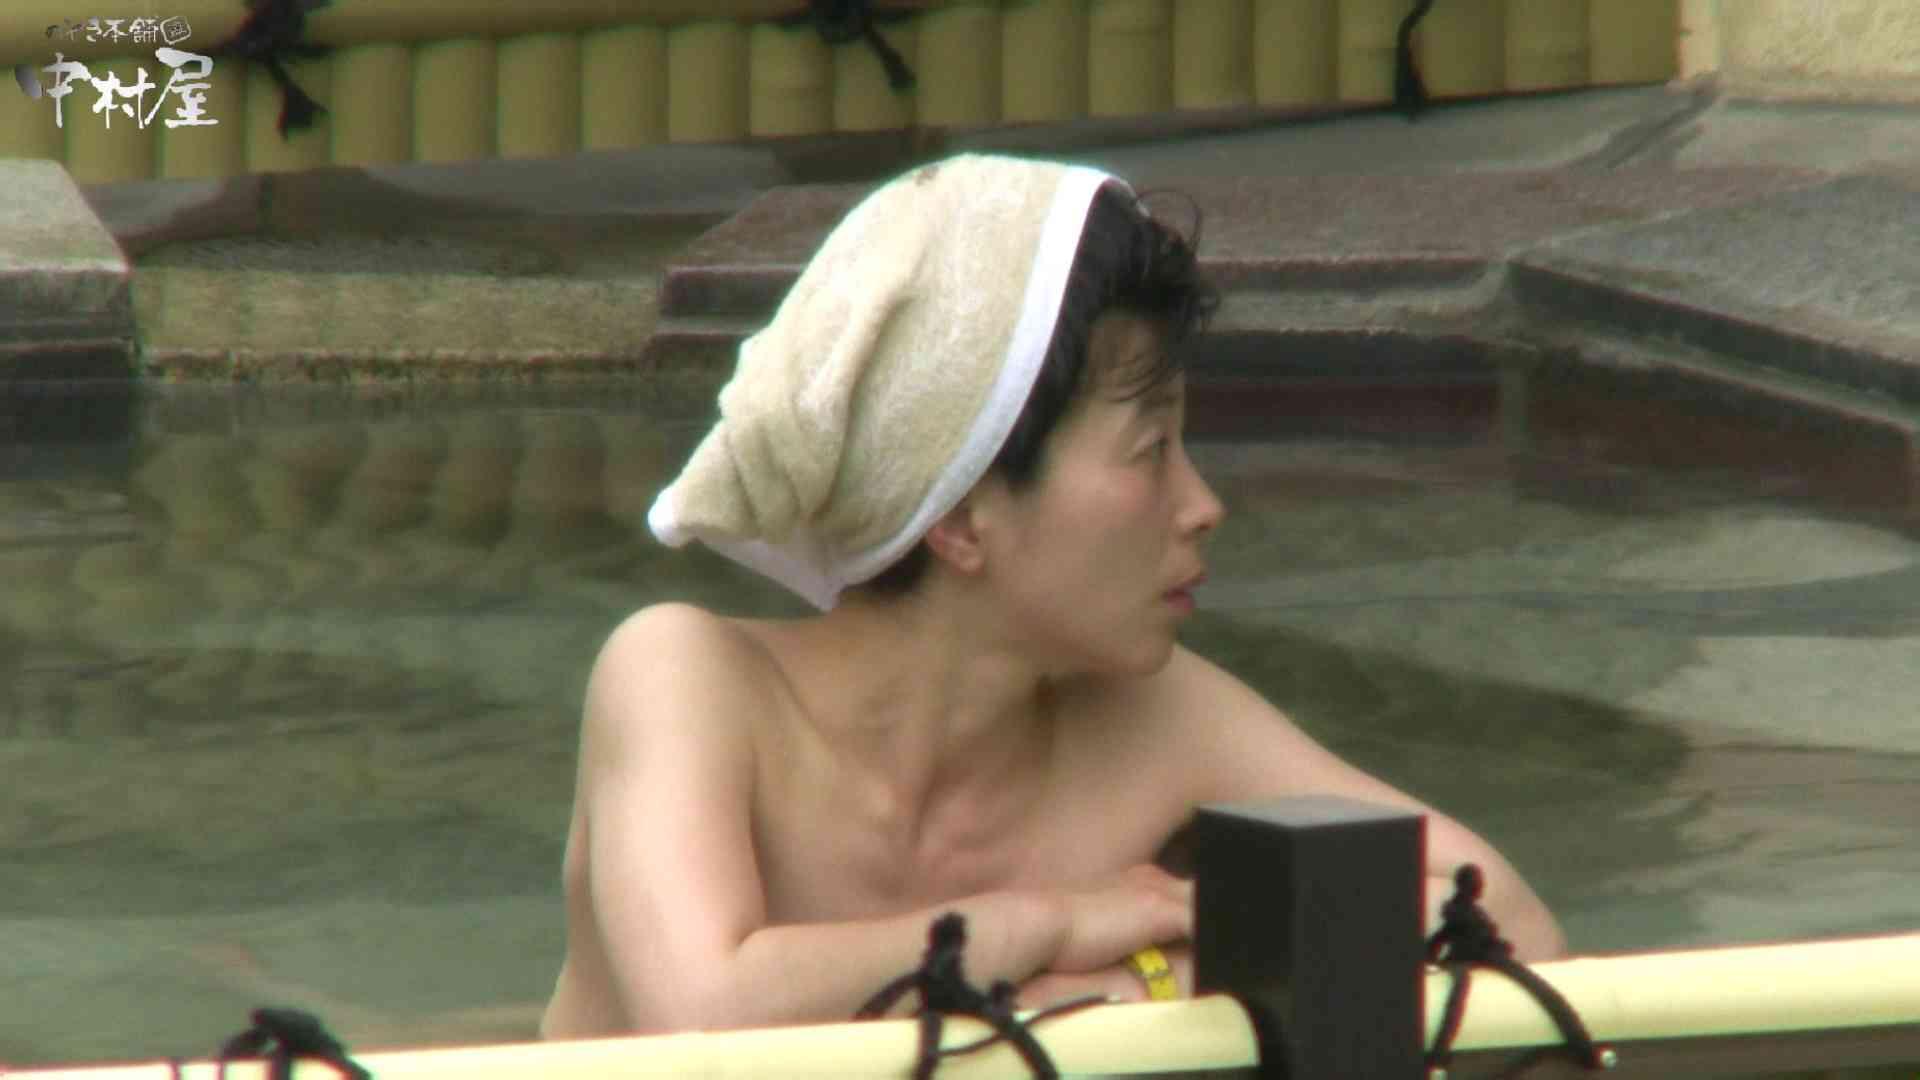 Aquaな露天風呂Vol.950 美しいOLの裸体  75pic 75